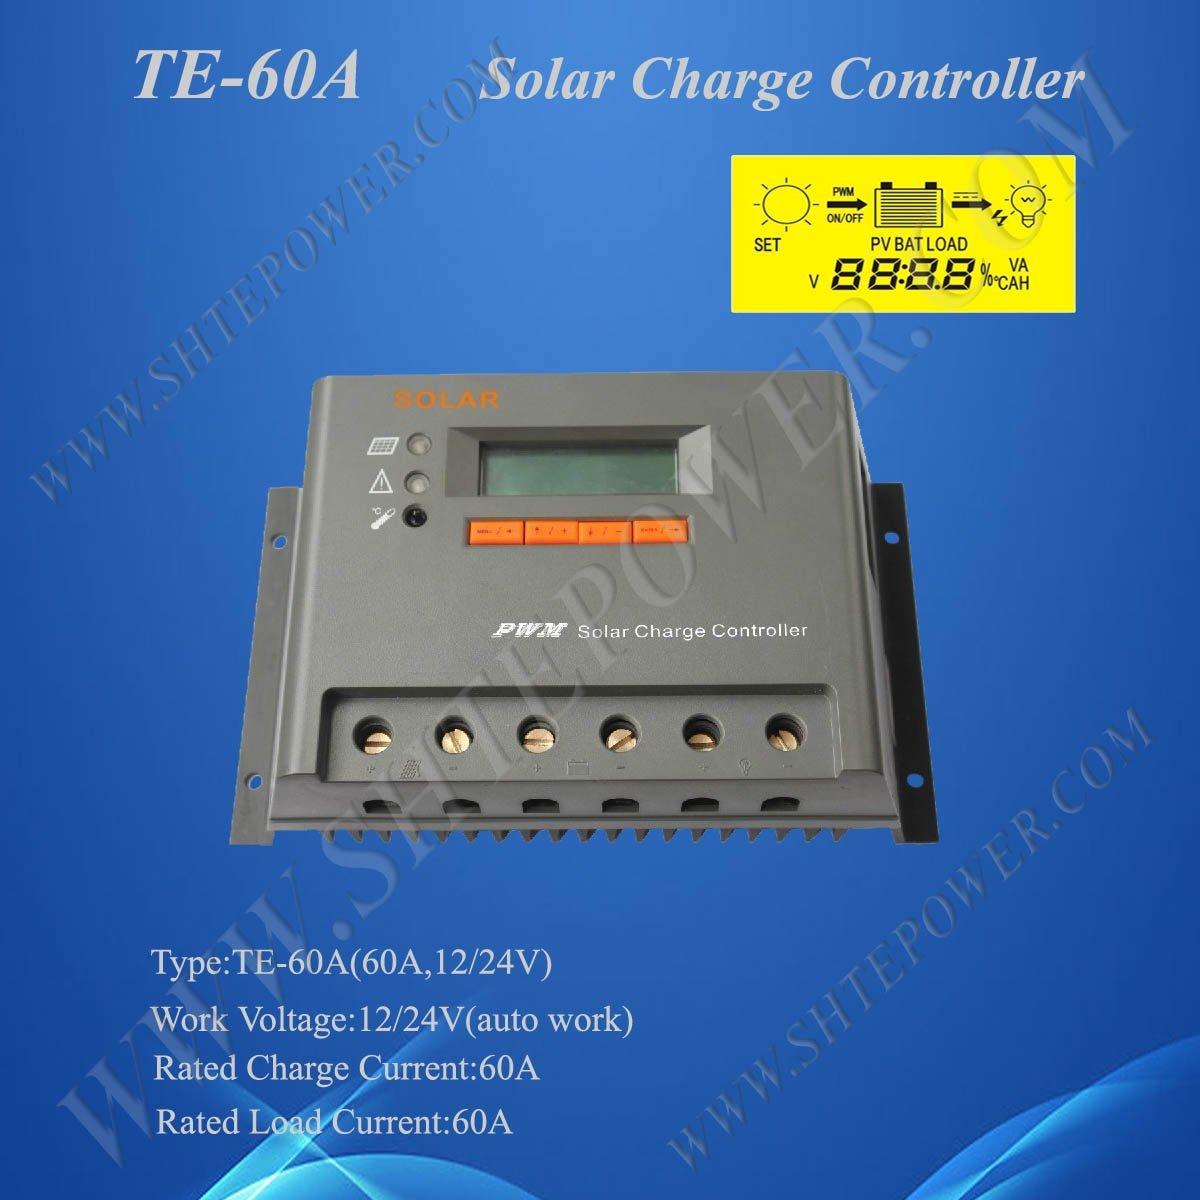 60A 12 V/24 V автоматическая работа за максимальной точкой мощности, Солнечный контроллер заряда для домашнего Солнечные энергетические установки